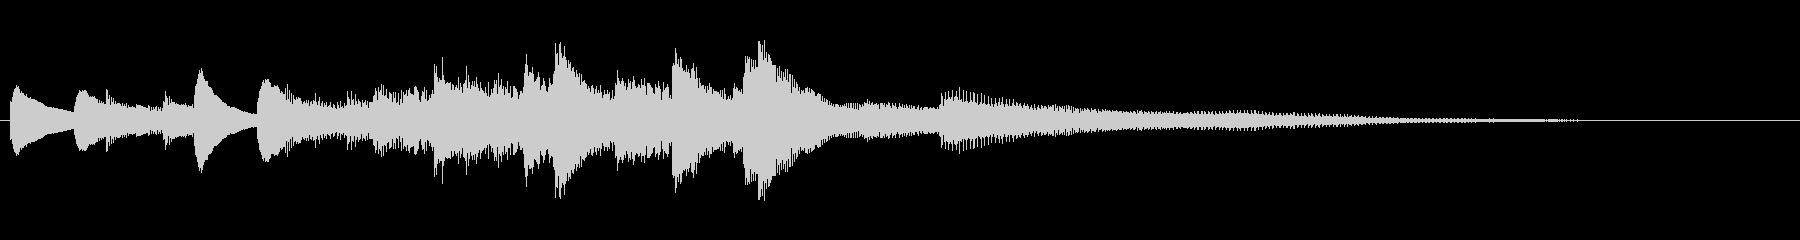 明るく前向きなピアノジングルの未再生の波形